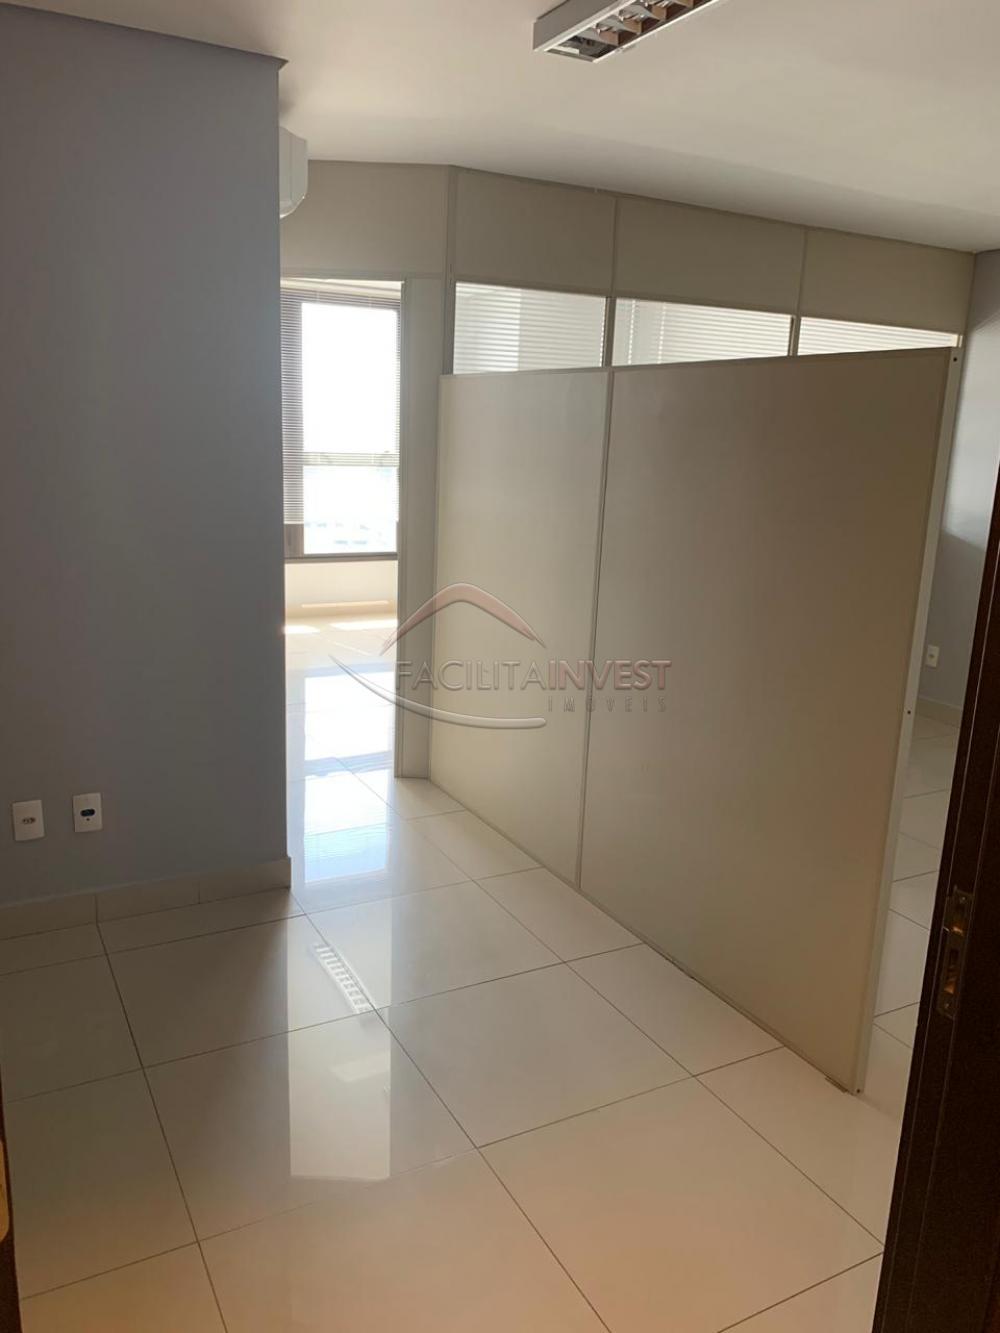 Alugar Salas Comerciais em Edifícios / Salas comerciais em Ribeirão Preto apenas R$ 1.700,00 - Foto 4